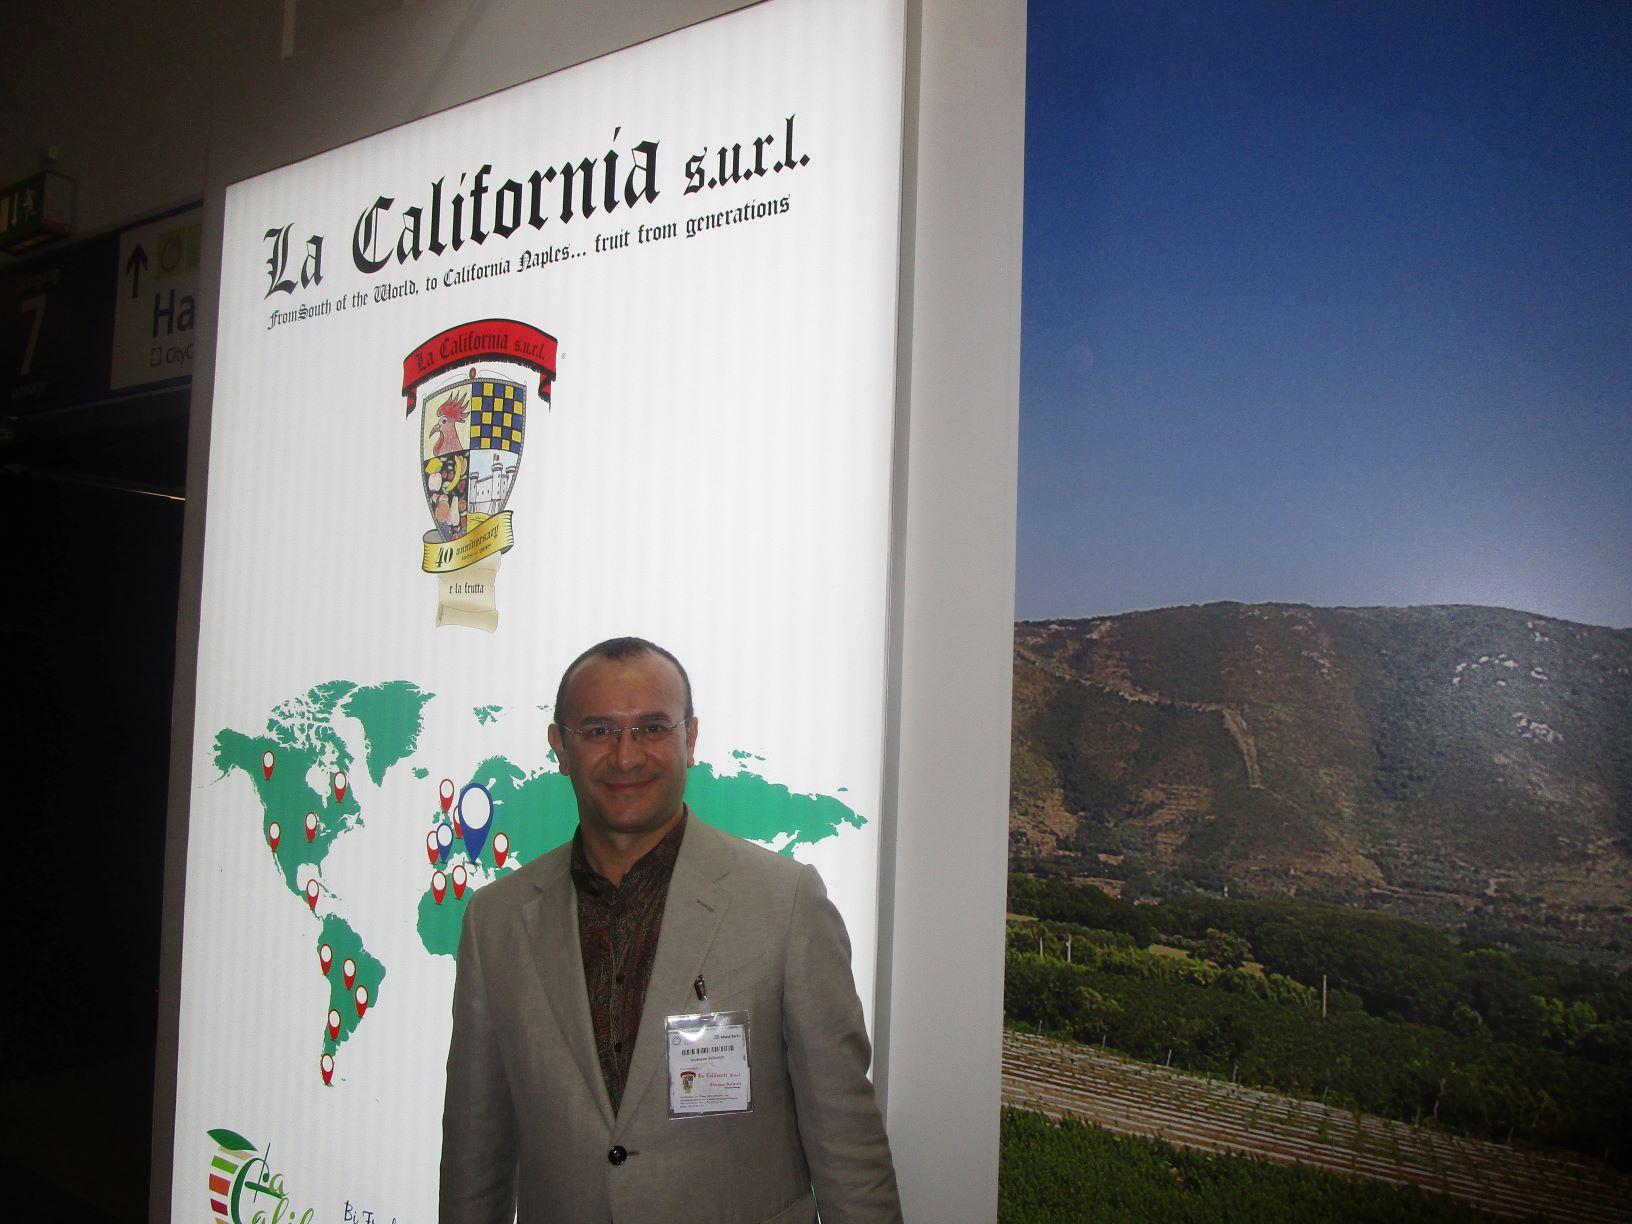 La California expands melon production in Peru